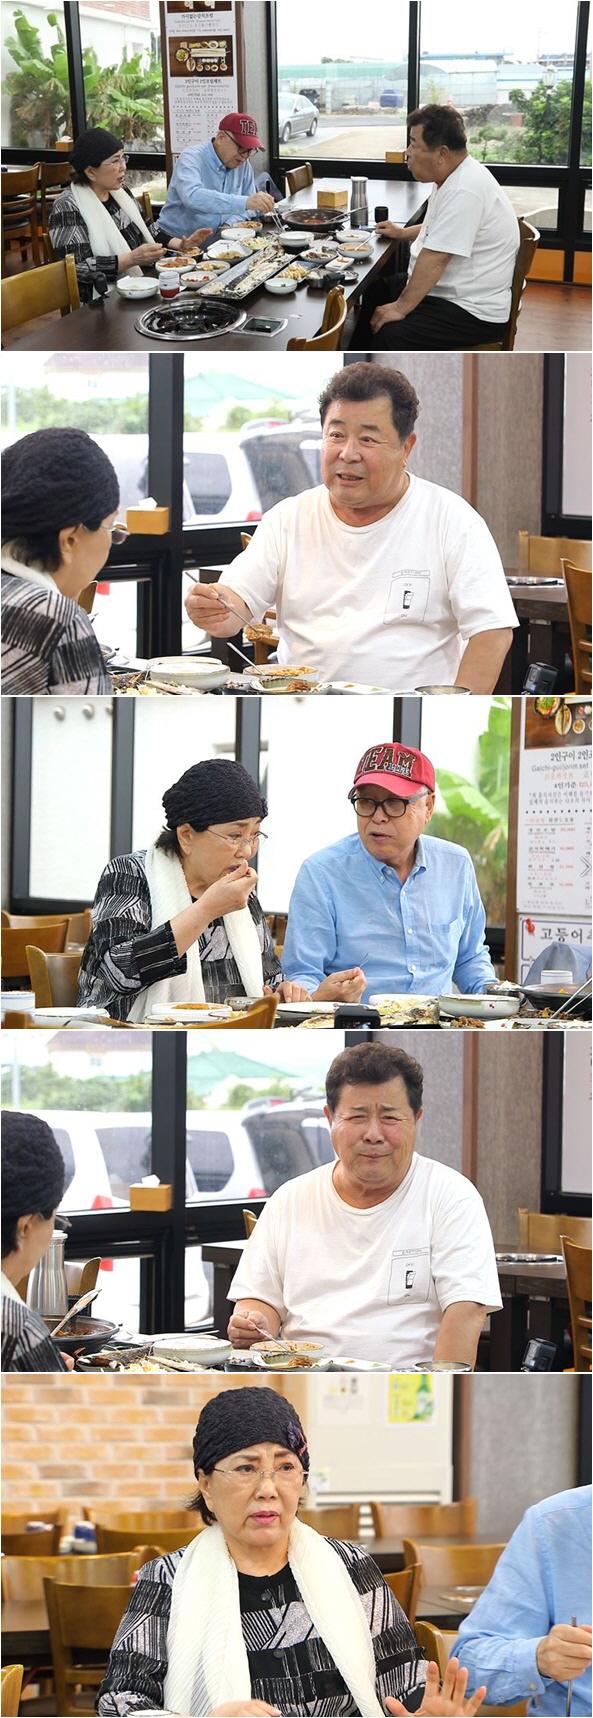 '모던 패밀리' 백일섭, 사업 실패 '첫' 고백...떼인 돈만 9억원